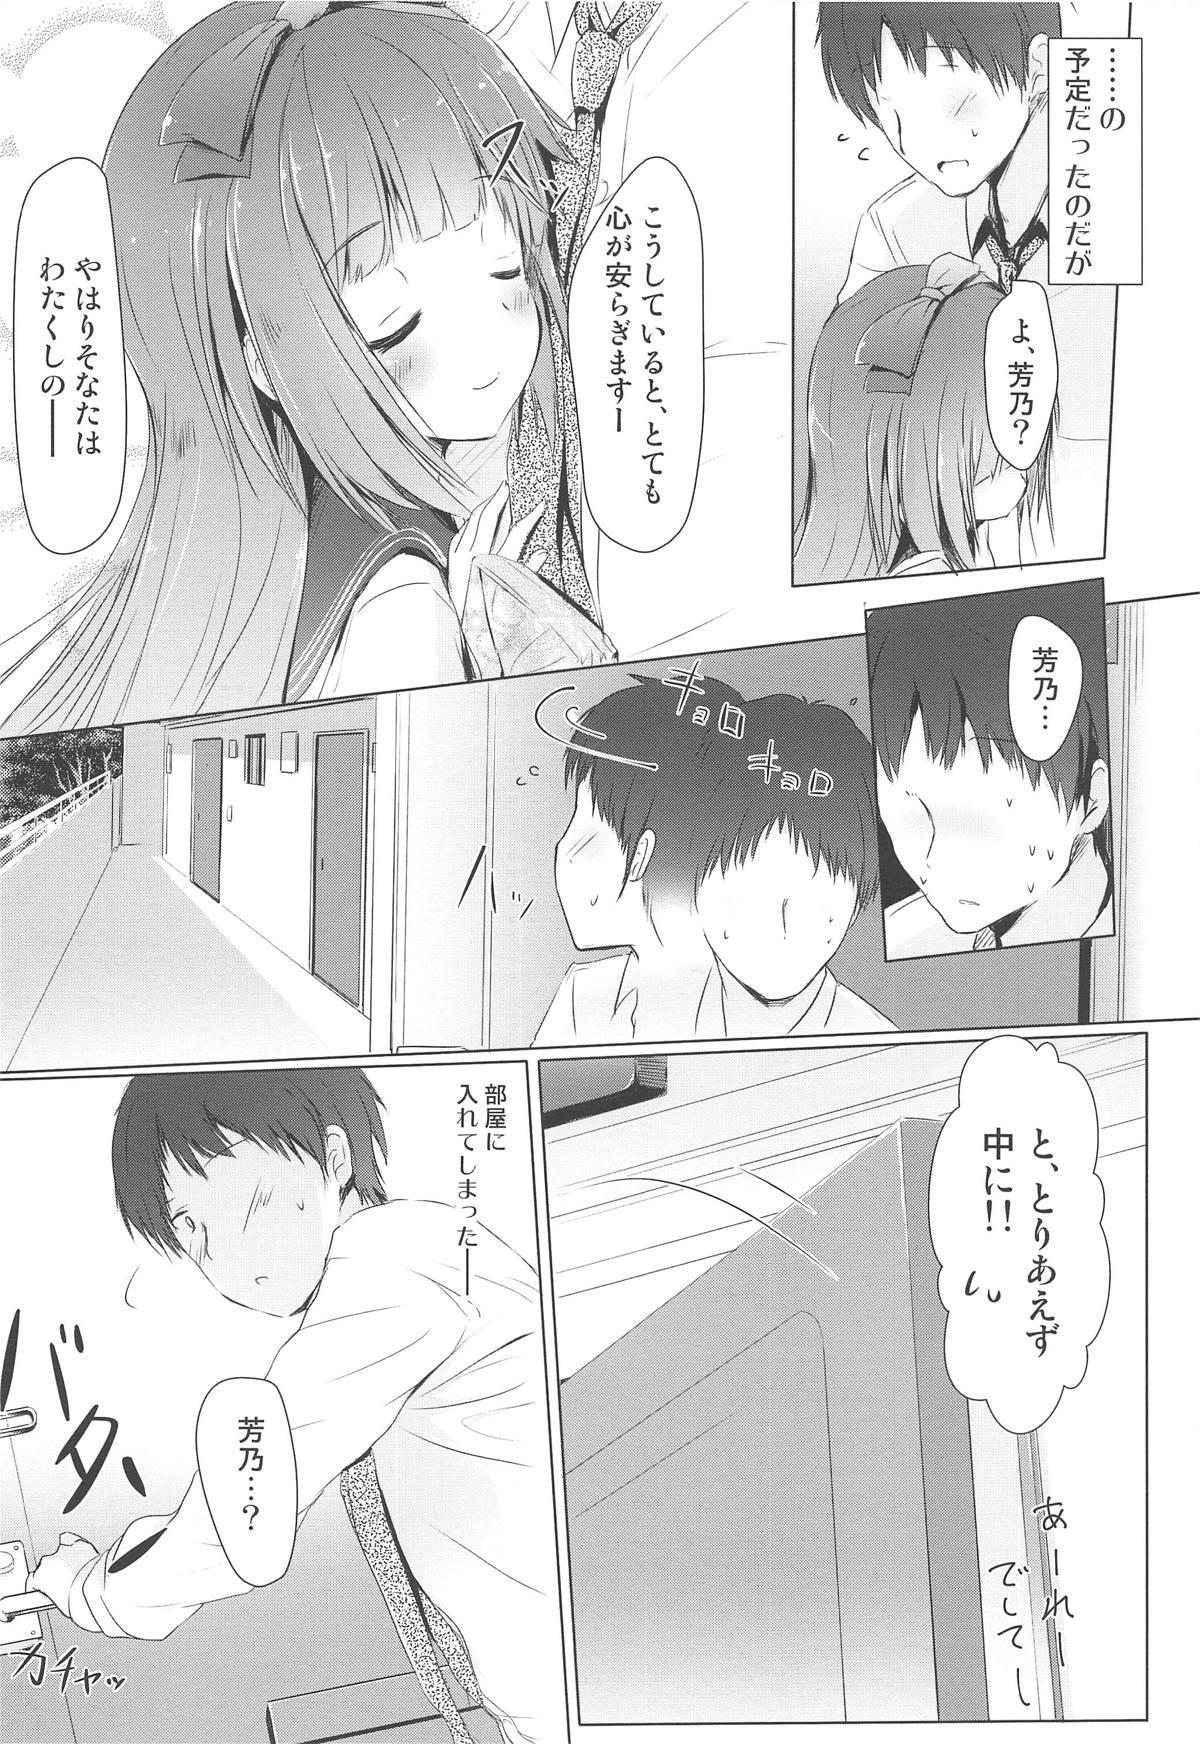 Yoshino ga Kozukuri Segande Kite Komaru. 6